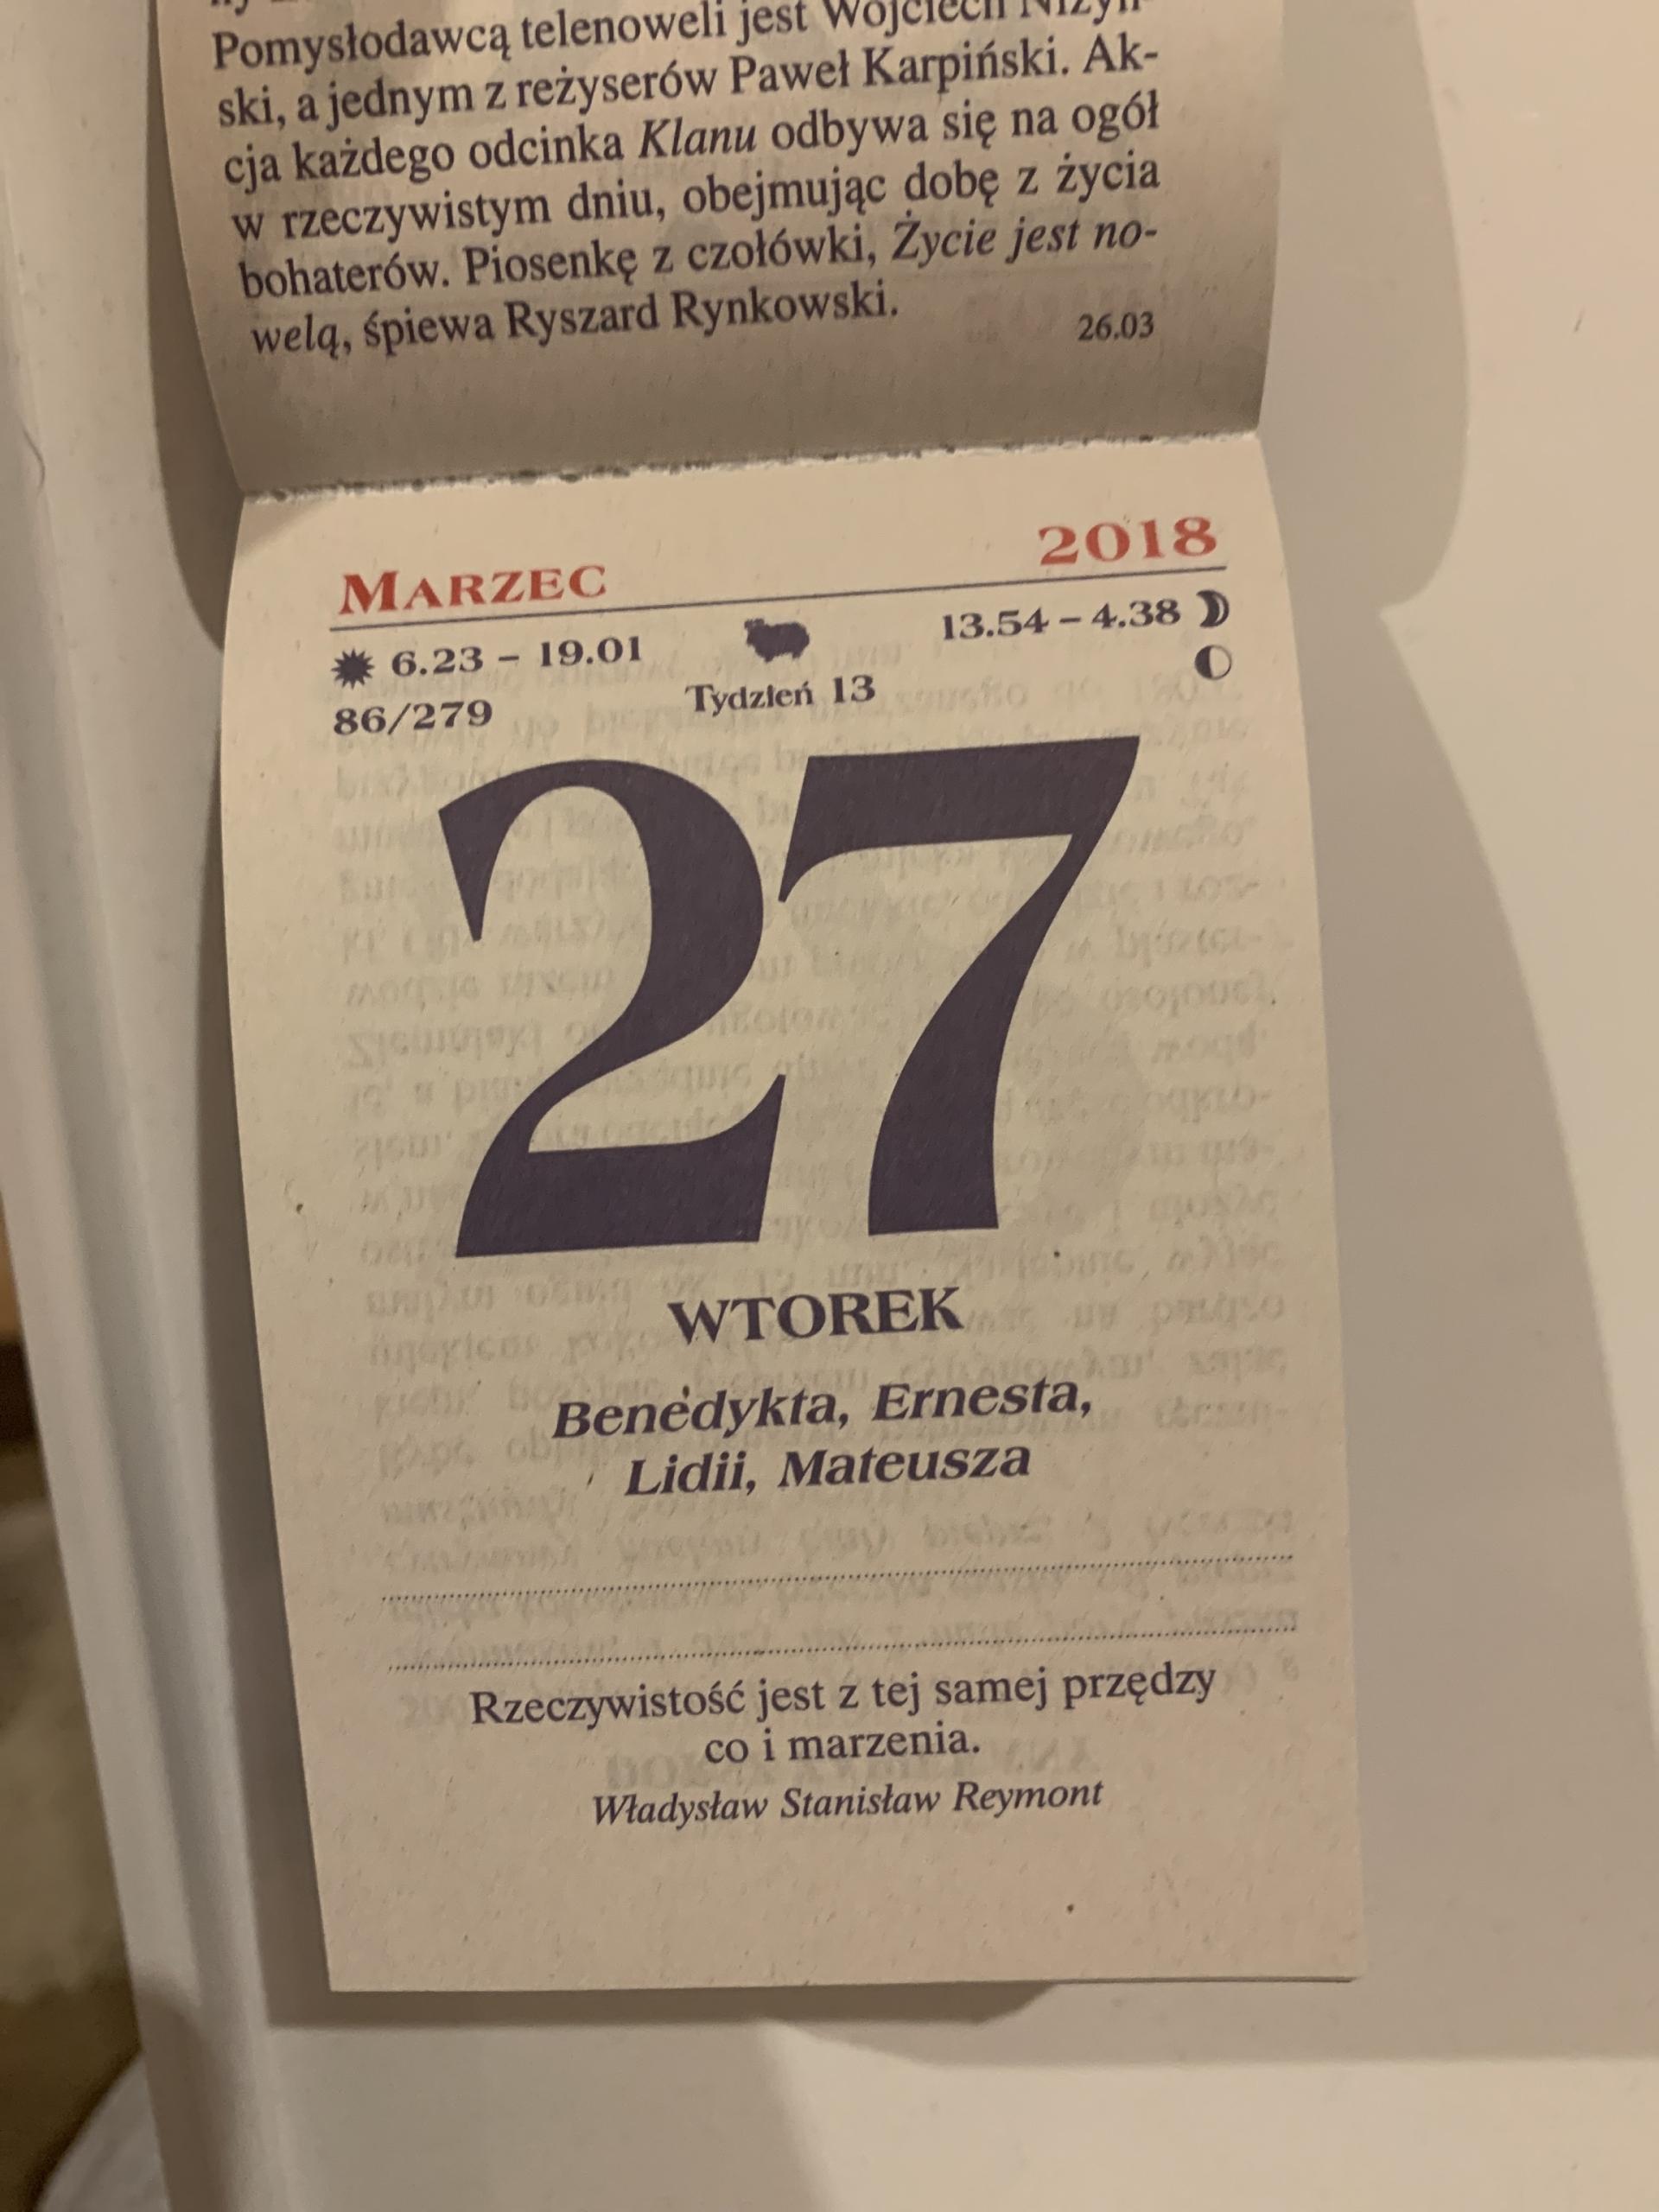 Kartka kalendarz zdzierak 2018, 2019, 2020, 2021